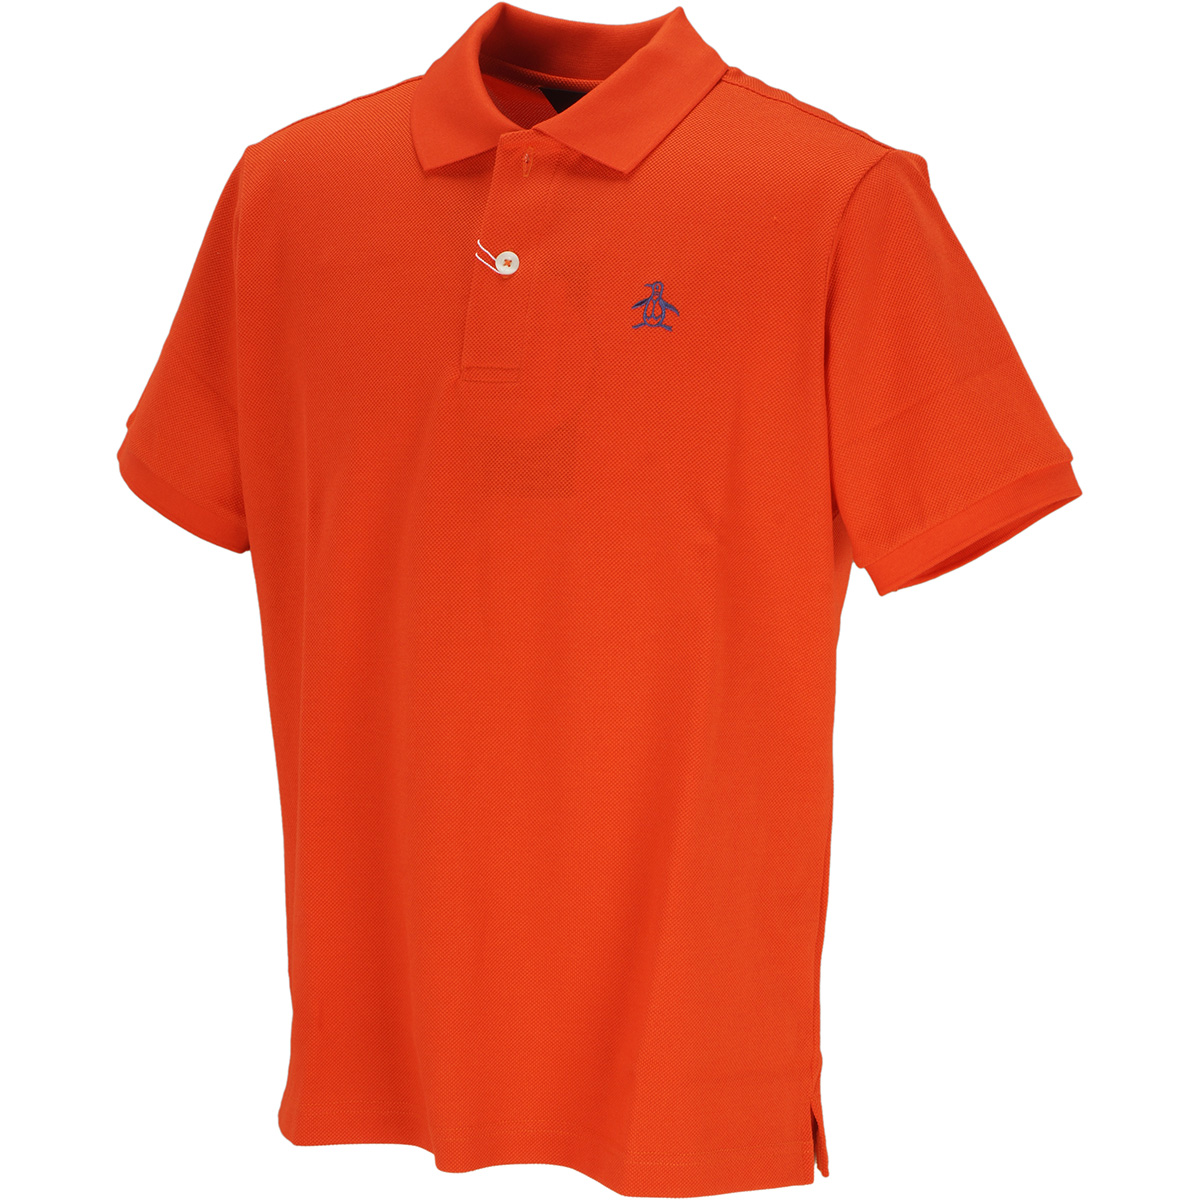 マナード鹿の子半袖ポロシャツ